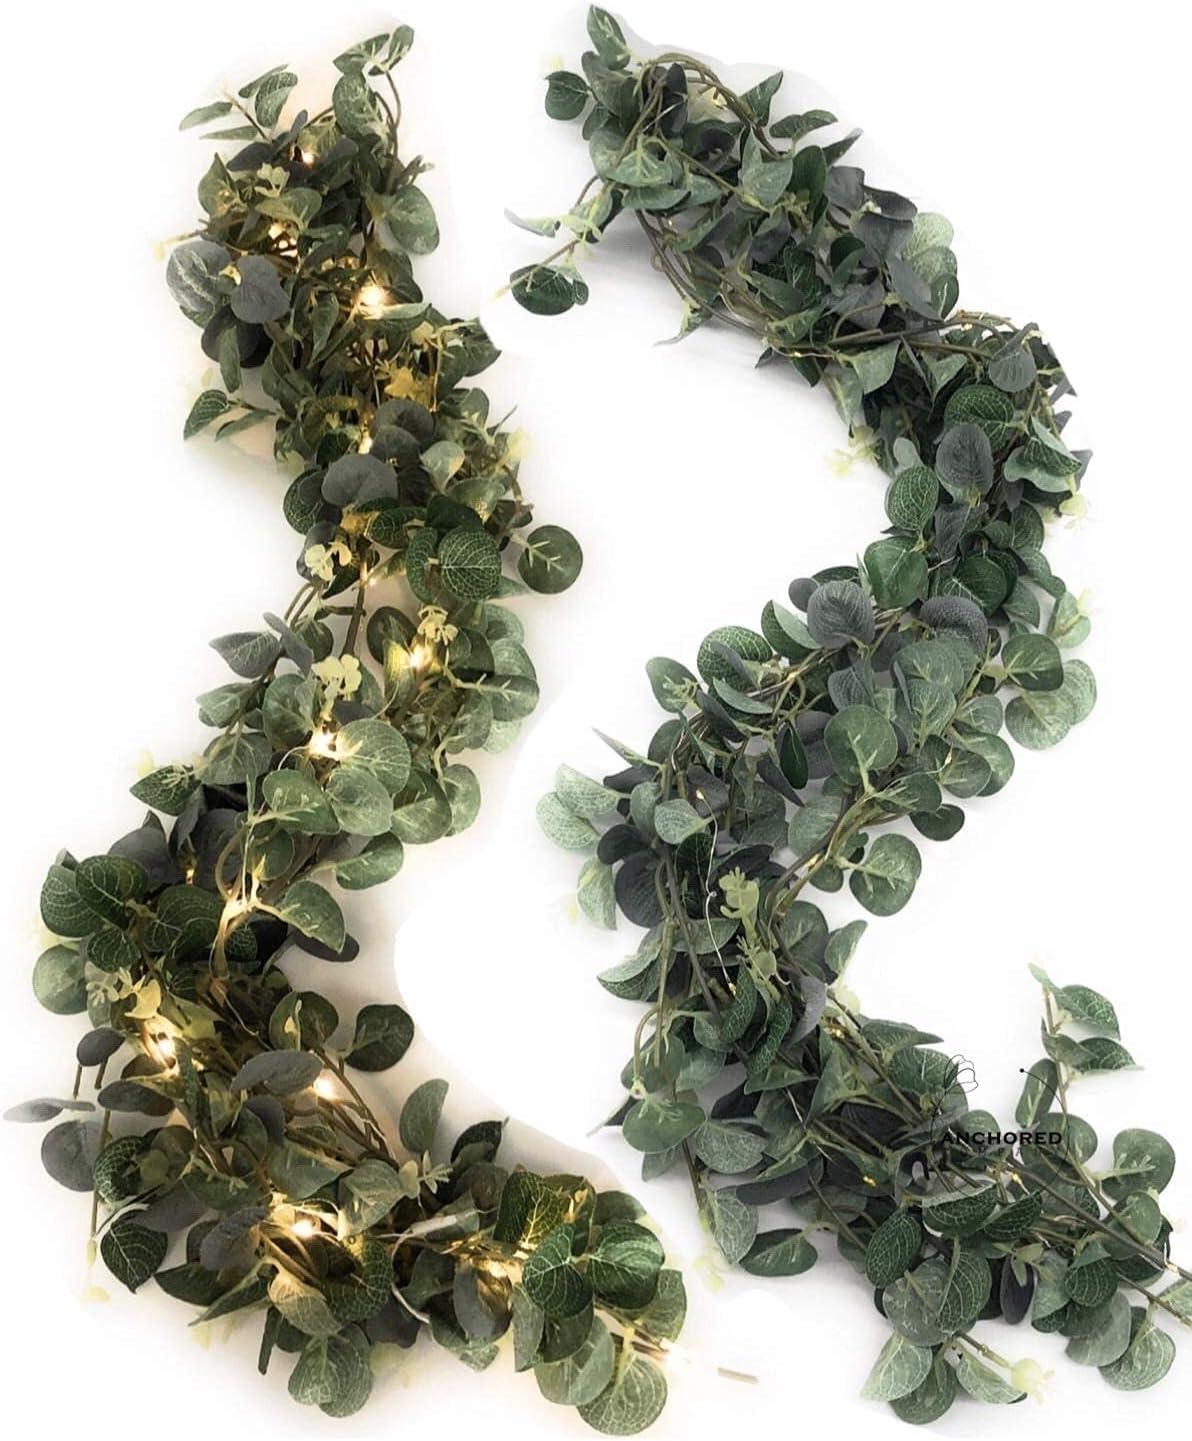 EKKONG Eukalyptus Girlande K/ünstlich Pflanze Eukalyptus Bl/ätter Deko Girlande Hochzeit Eukalyptus KranzEukalyptus K/ünstlich H/ängen Reben Bl/ätter Urlaub Hochzeit